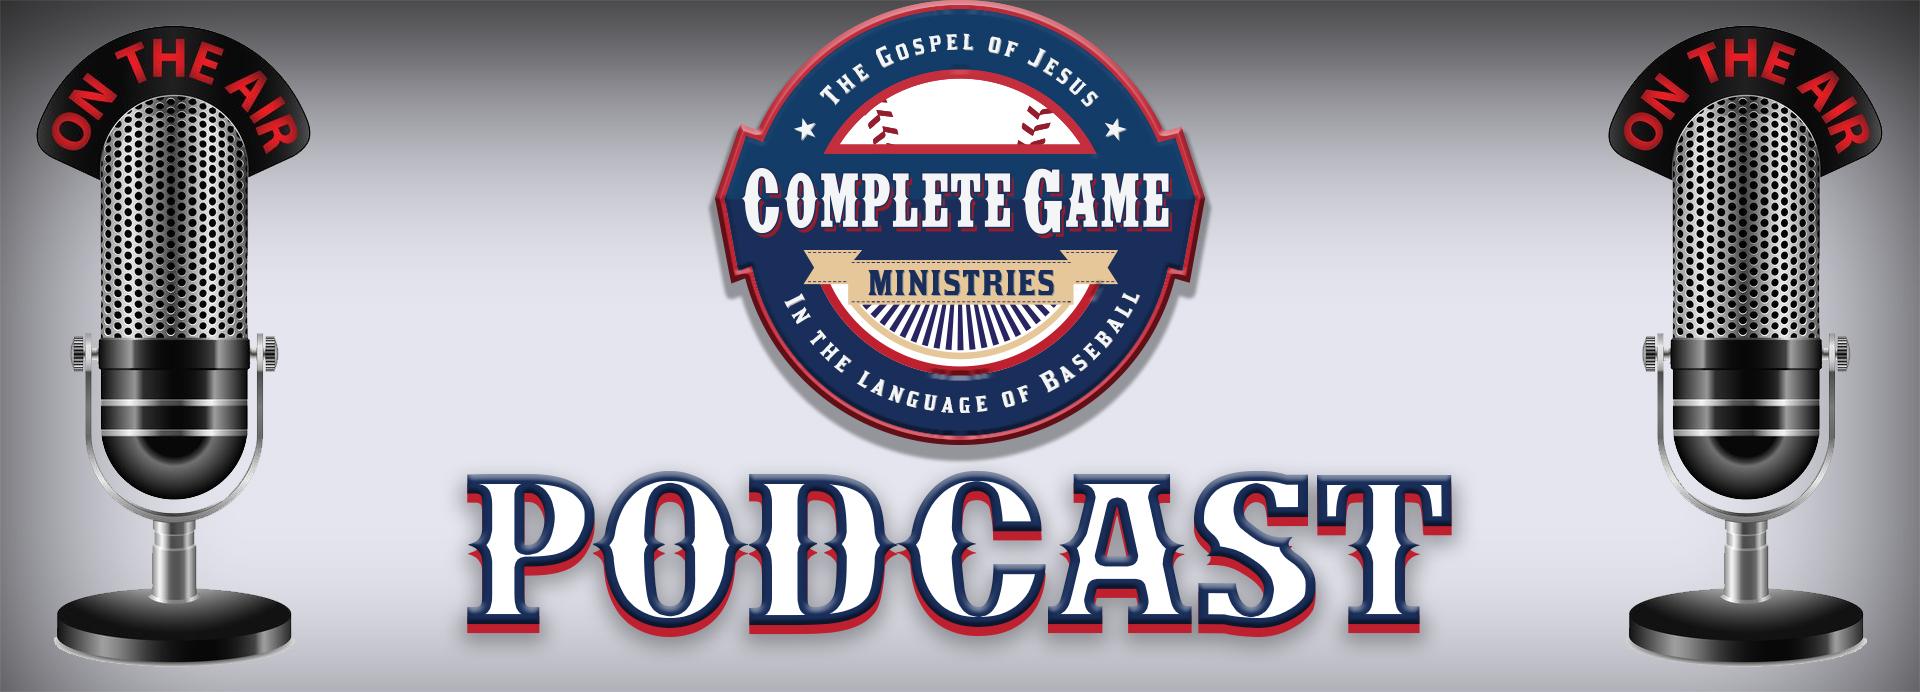 Podcast+Banner.jpg